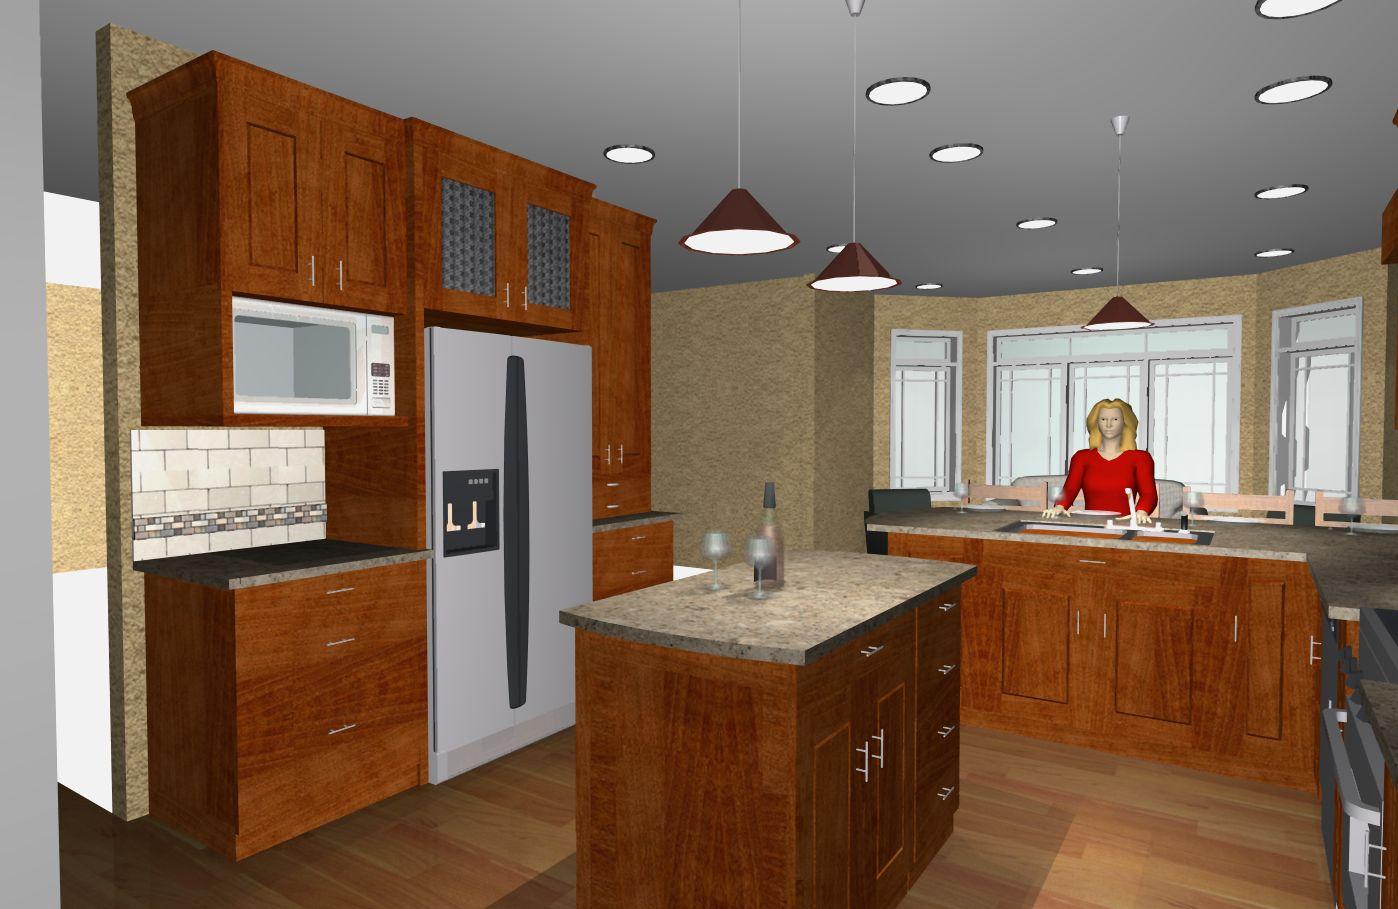 H Kitchen Good 3